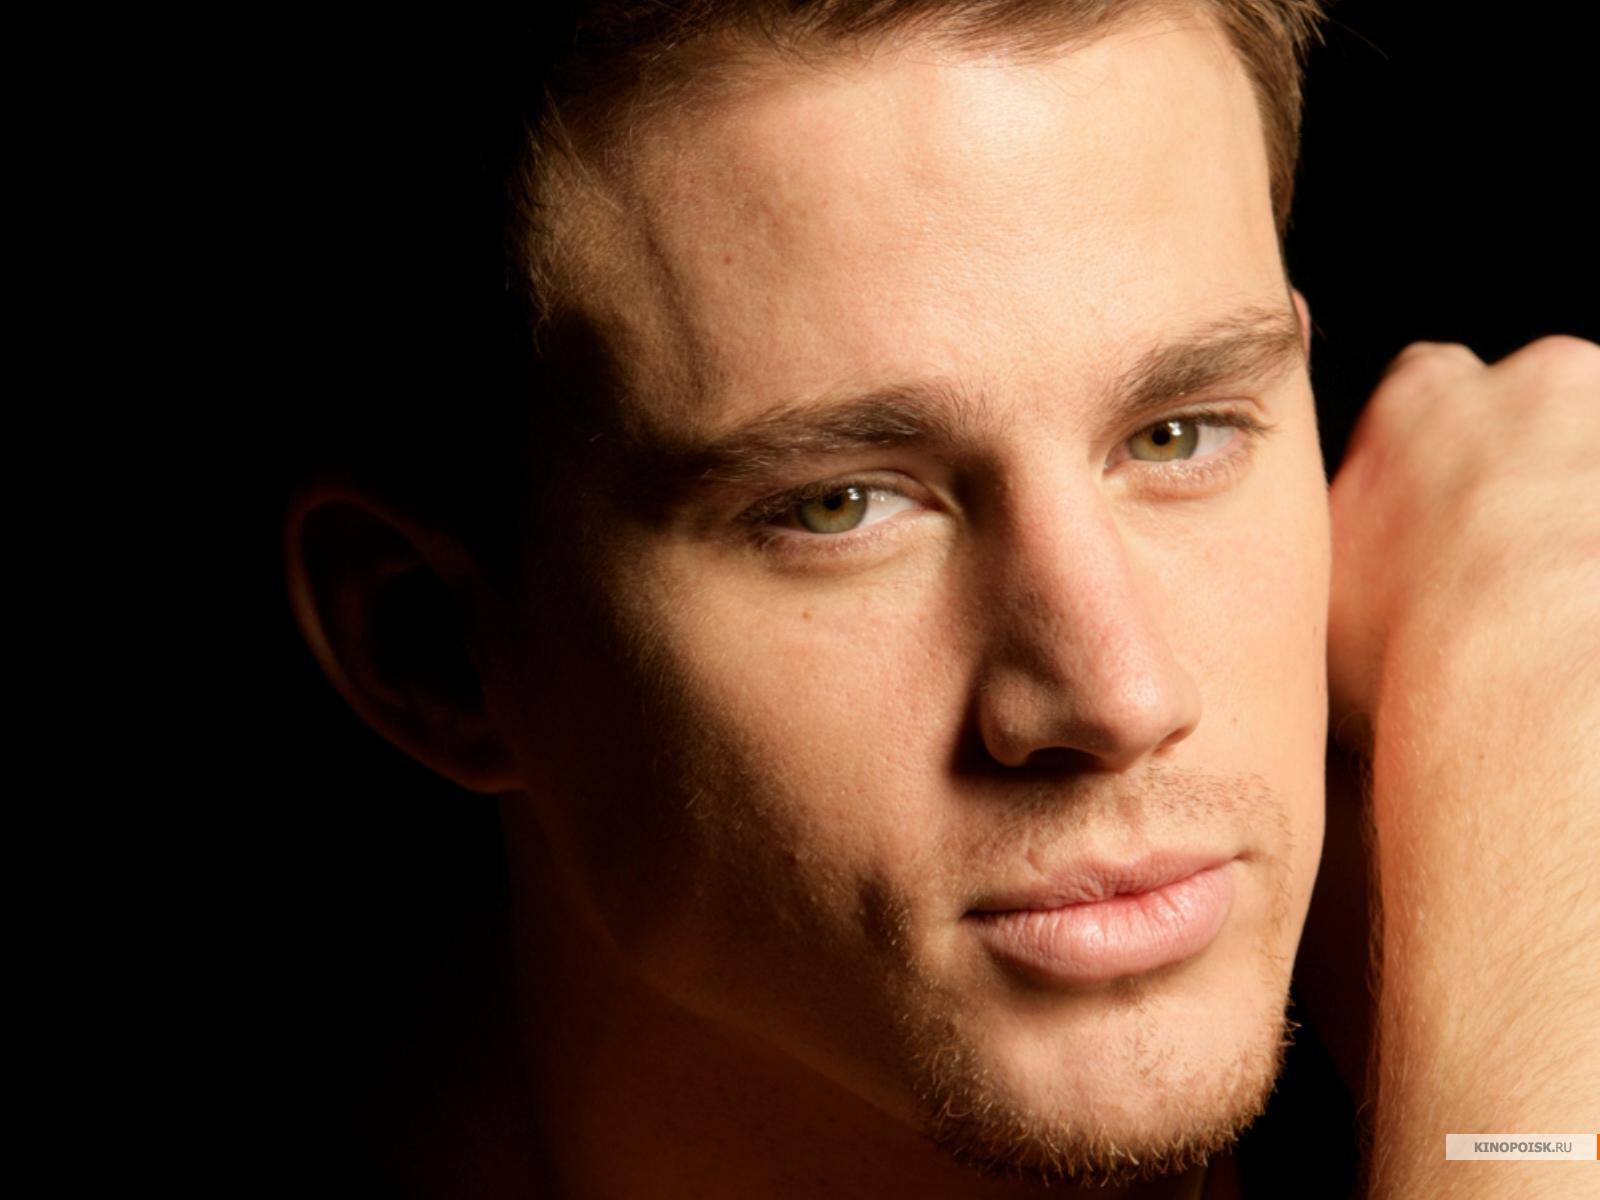 Самые красивые зарубежные актеры мужчины 17 фотография